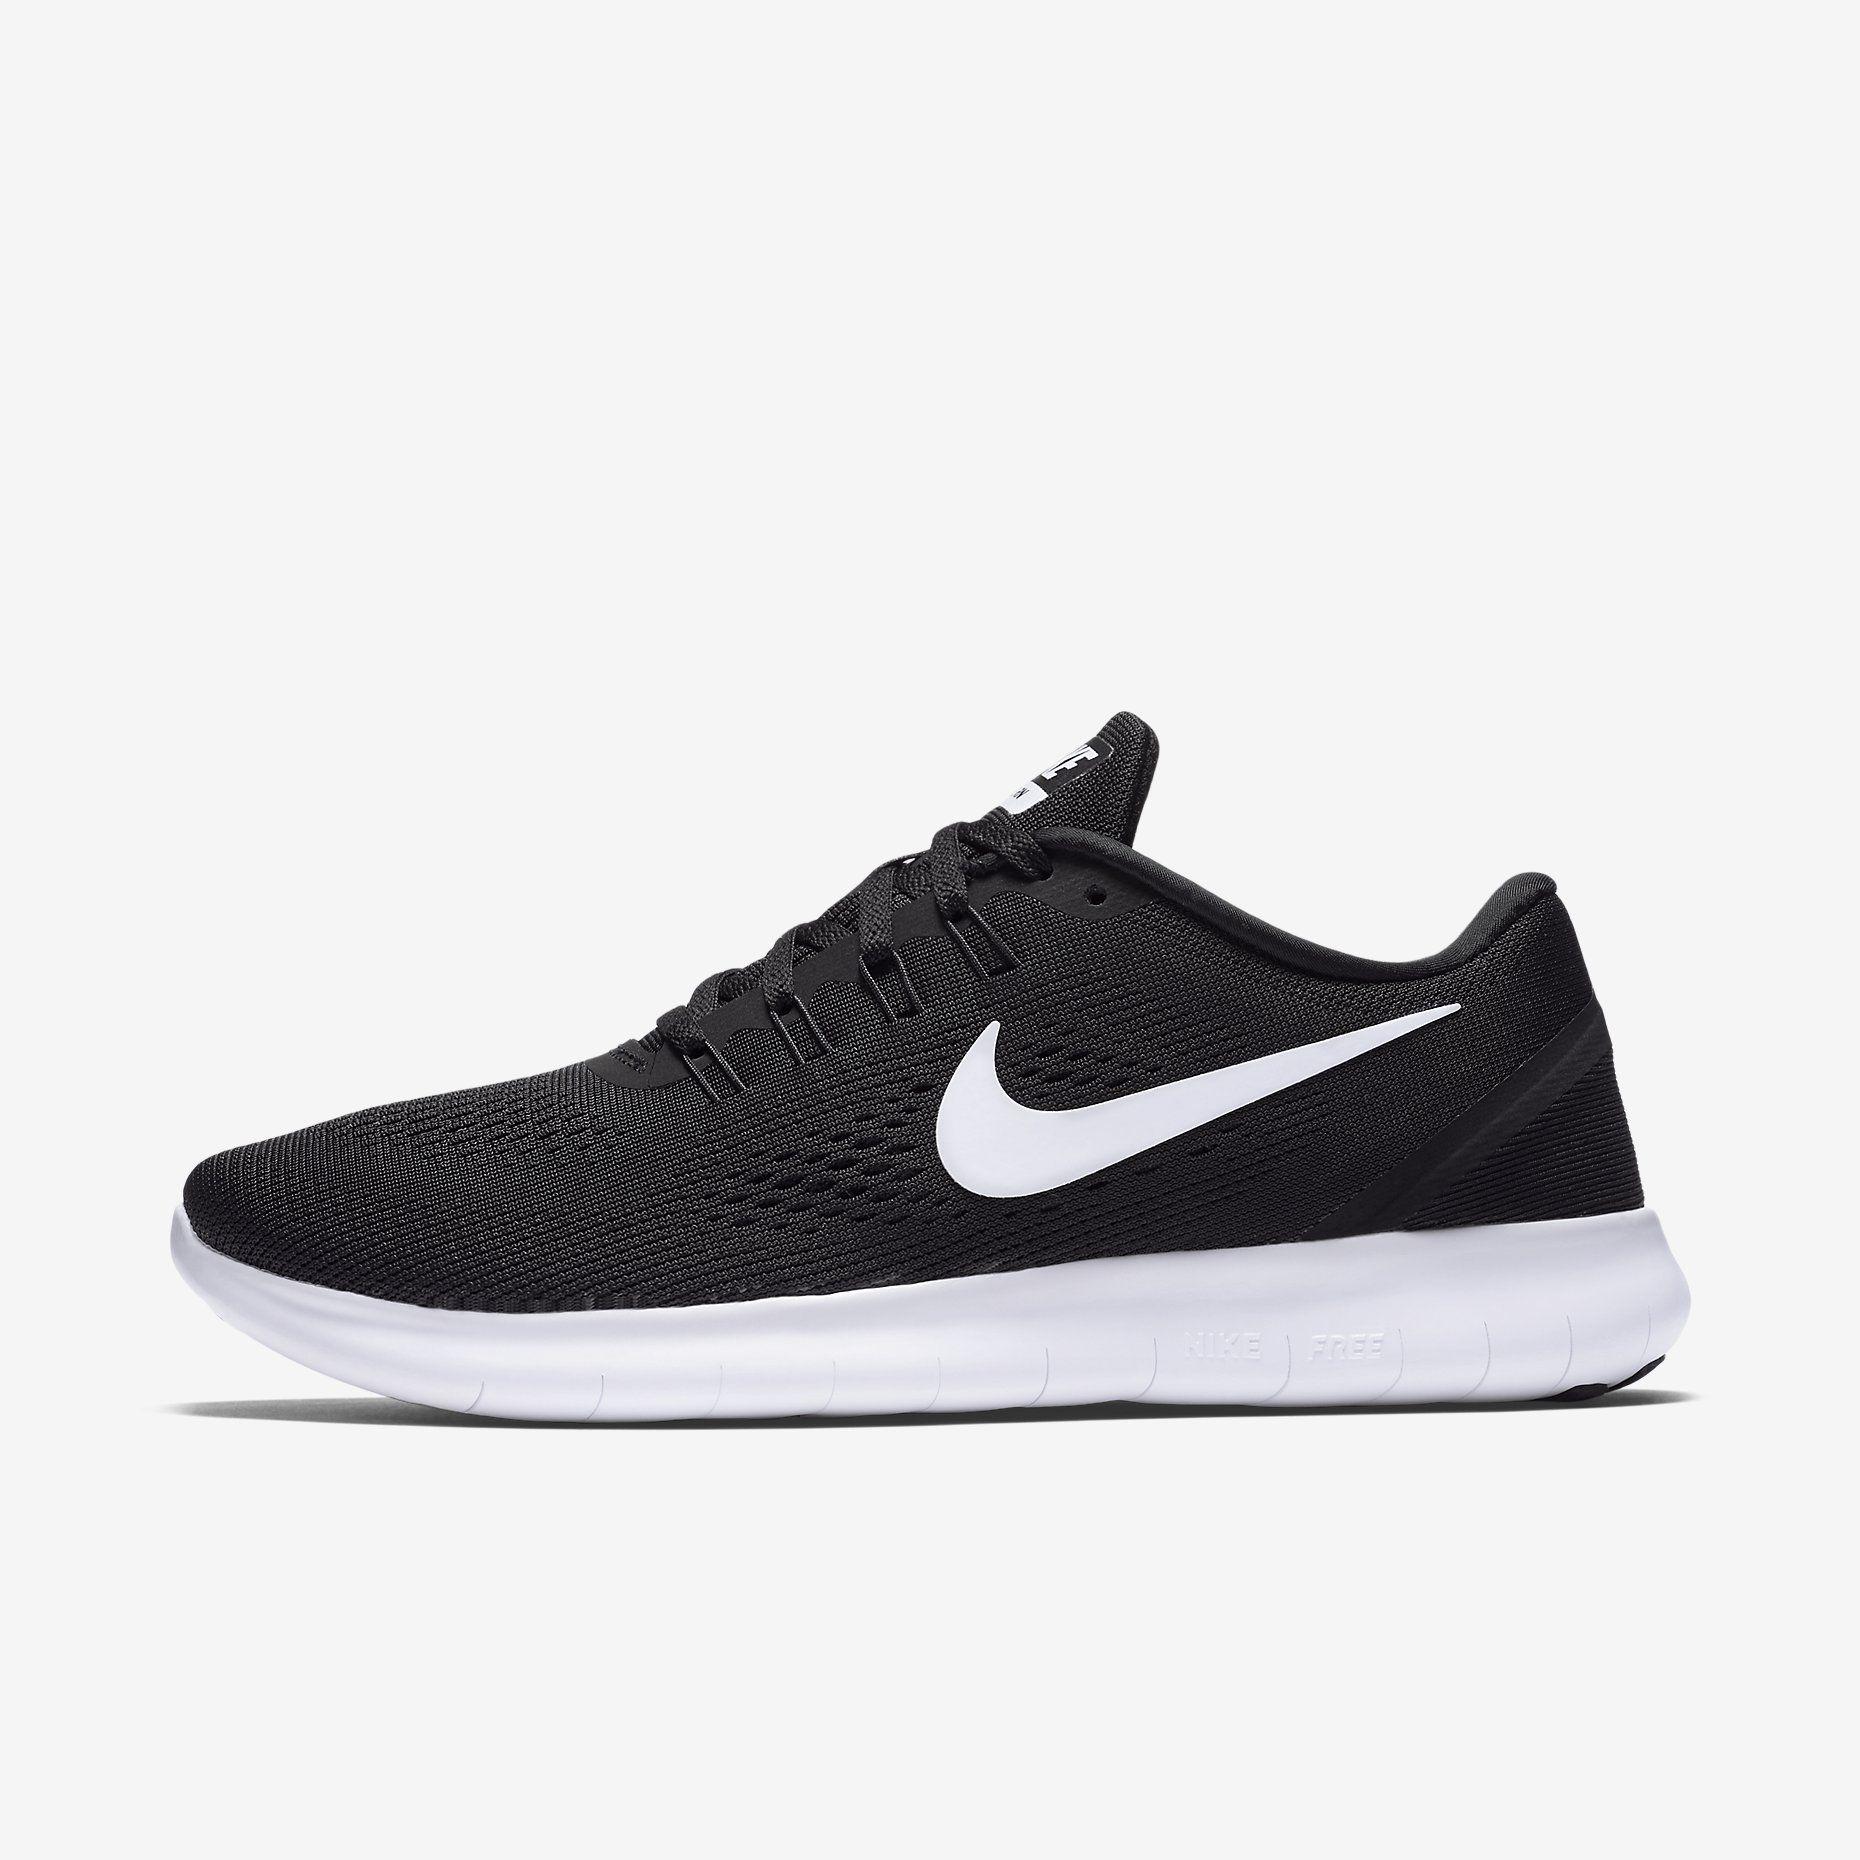 for Shop Nike shoesclothinggear shoesclothinggear Shop at Shop for Nike at Nike F1TcKJ3l